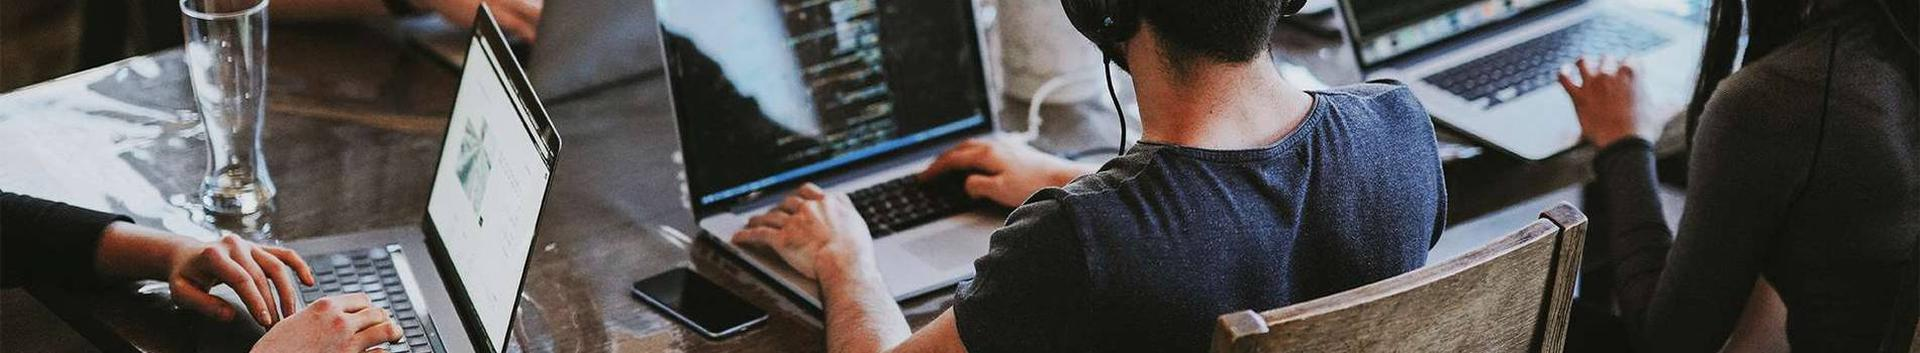 62021_arvutialased-konsultatsioonid_97329799_xl.jpg